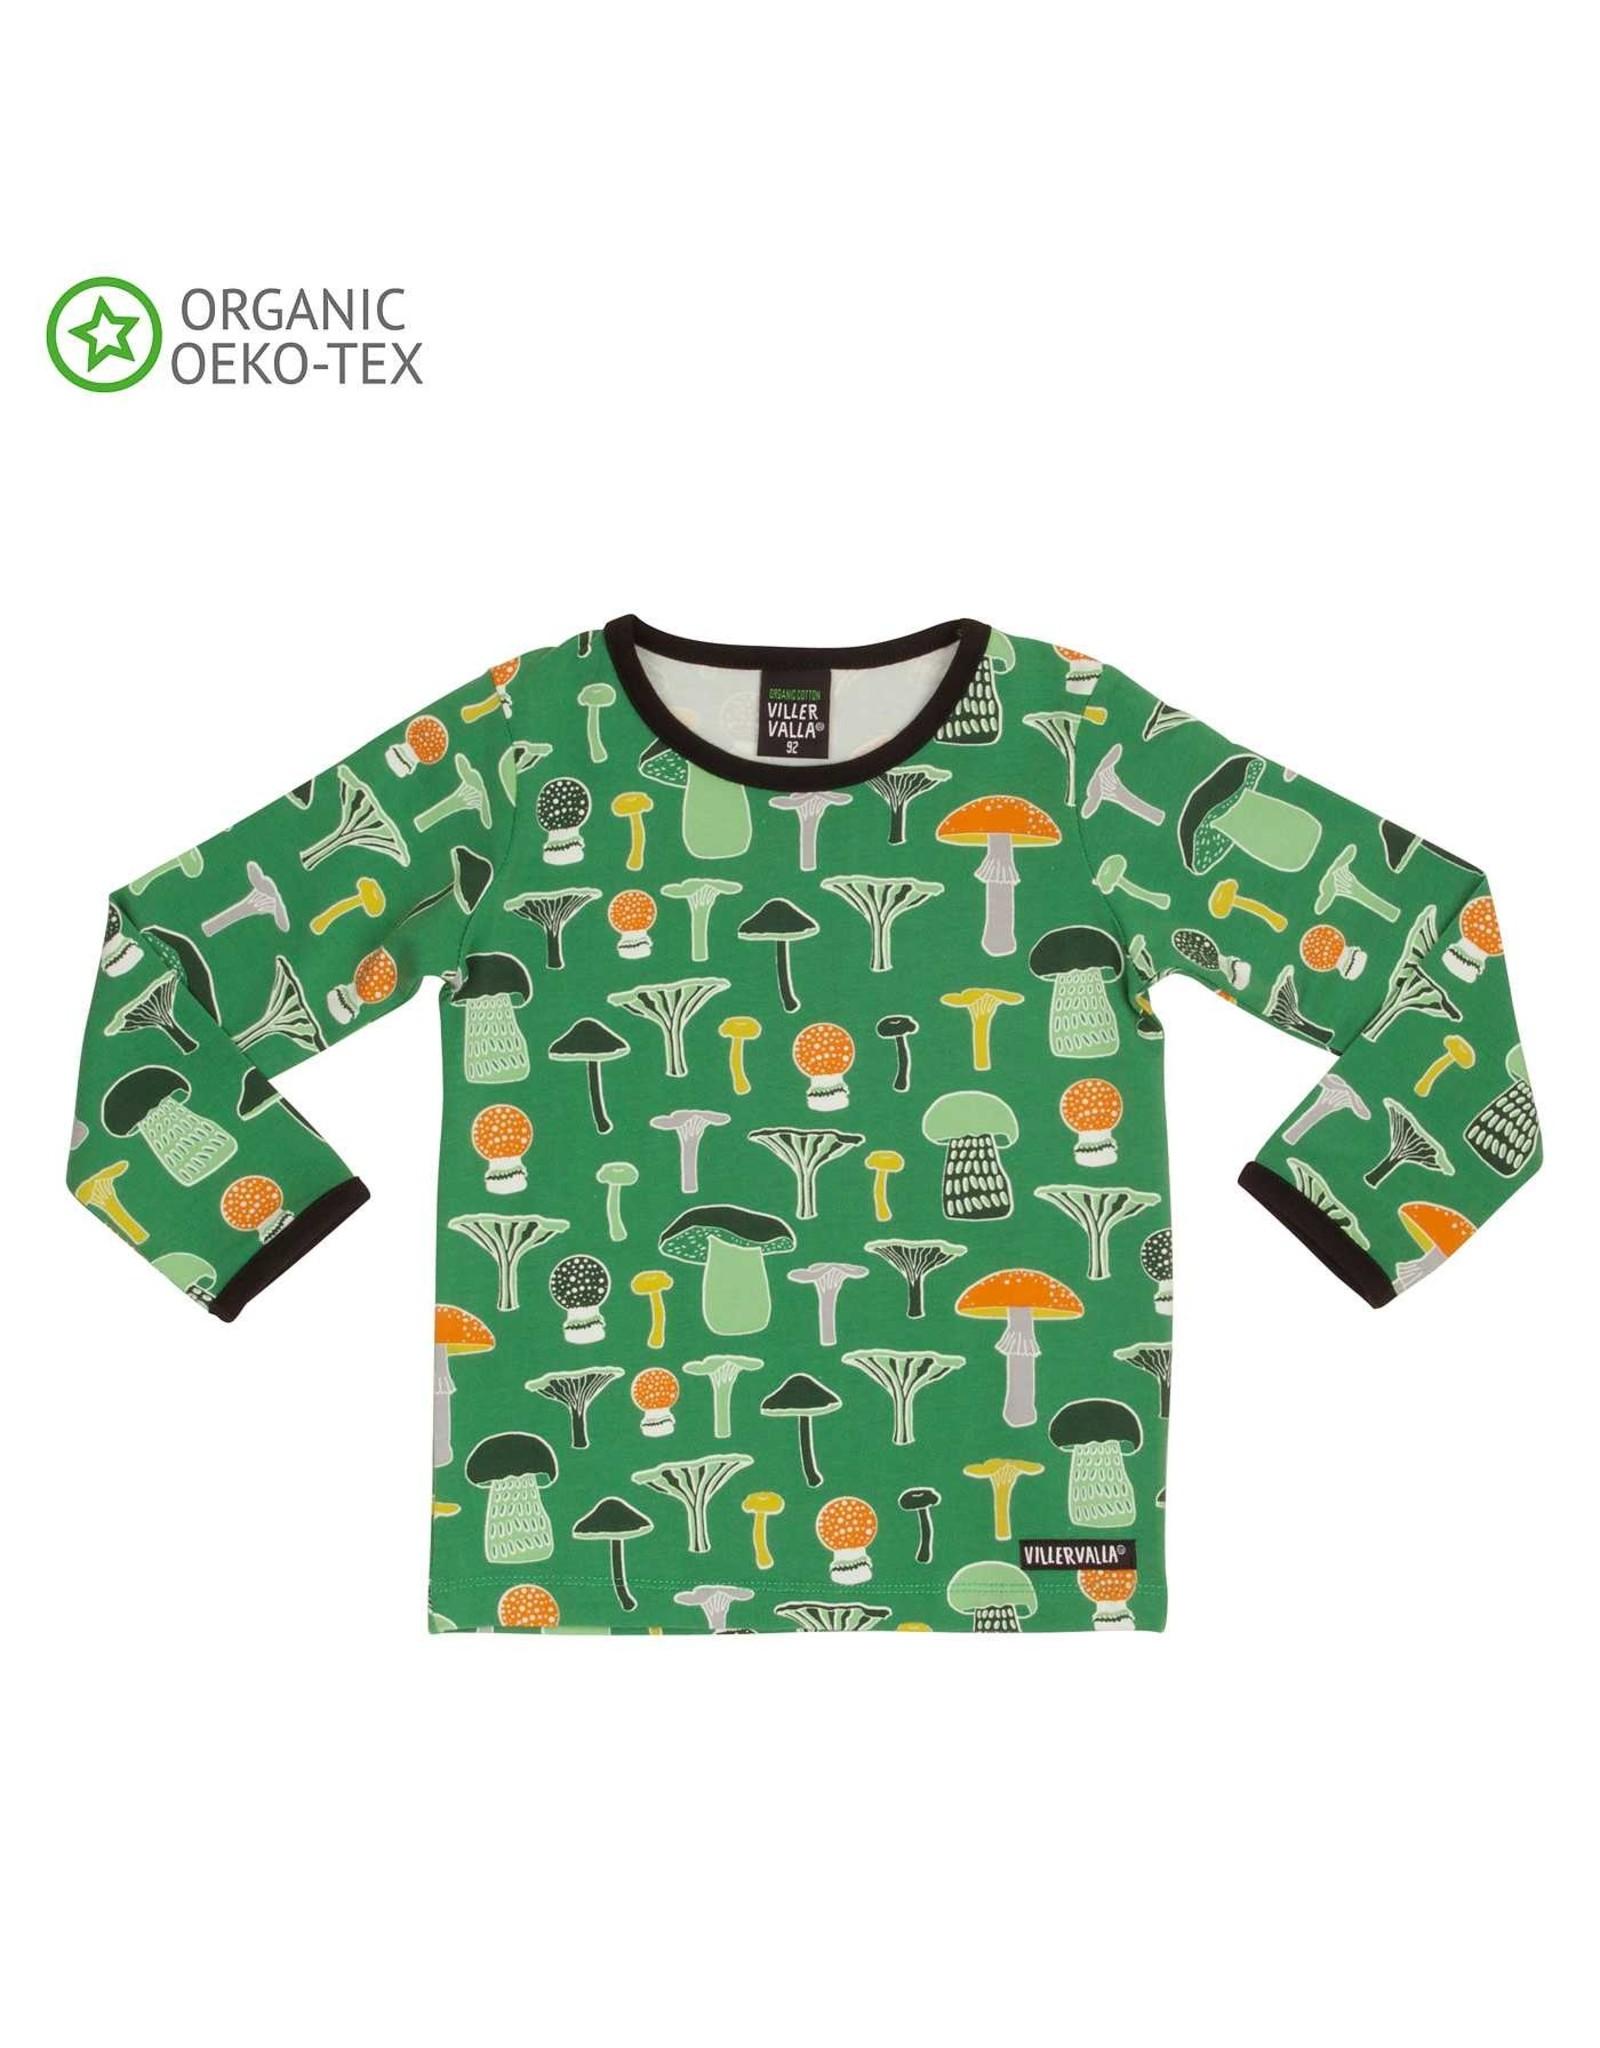 Villervalla Groene T-shirt Met Paddenstoelen - LAATSTE MAAT 104